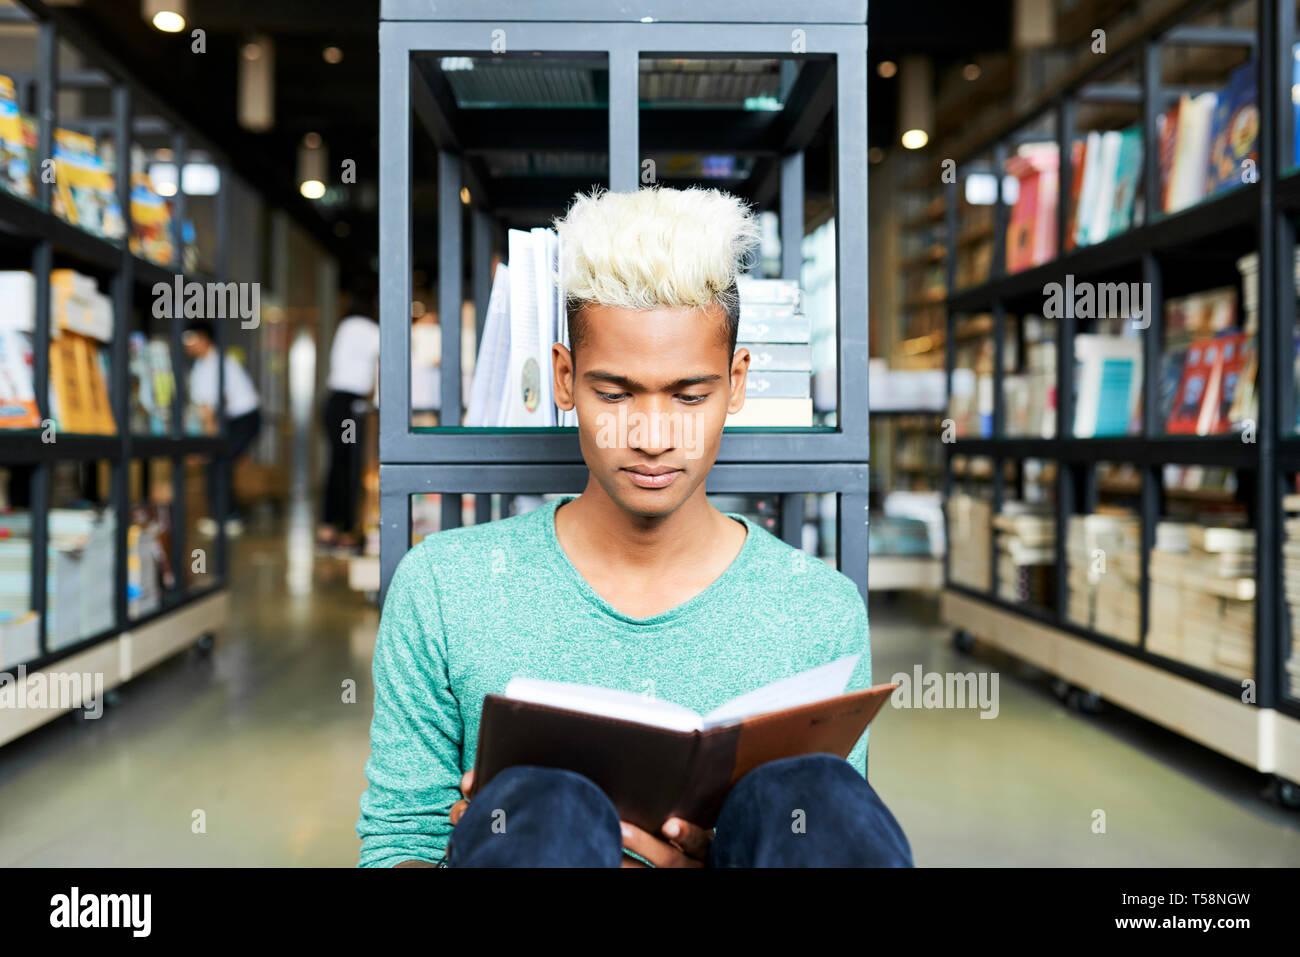 Bücherwurm Ausgaben freie Zeit in der Bibliothek Stockbild